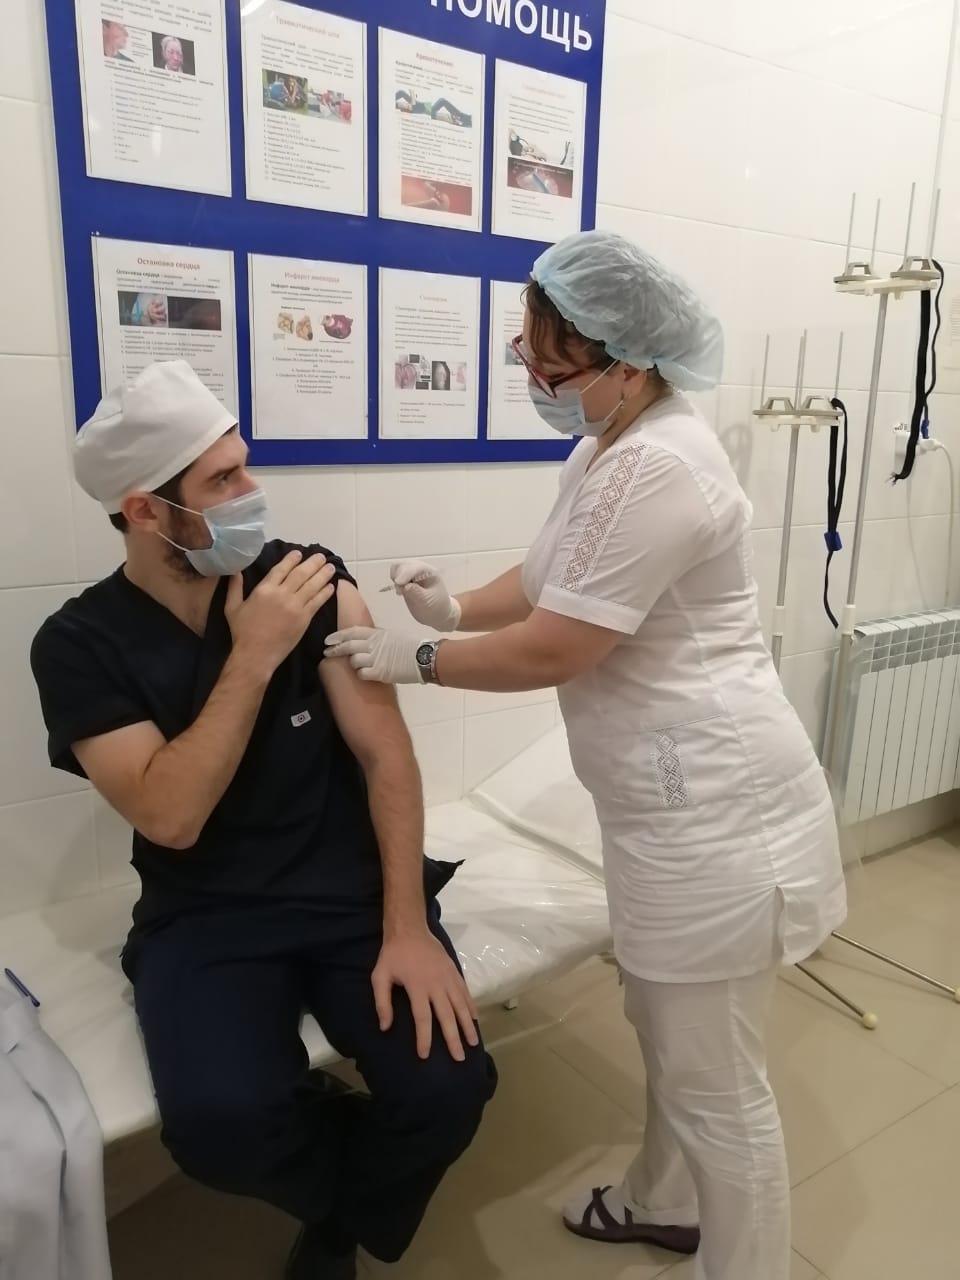 Медработники Республиканского центра травматологии и ортопедии прошли вакцинацию от гриппа